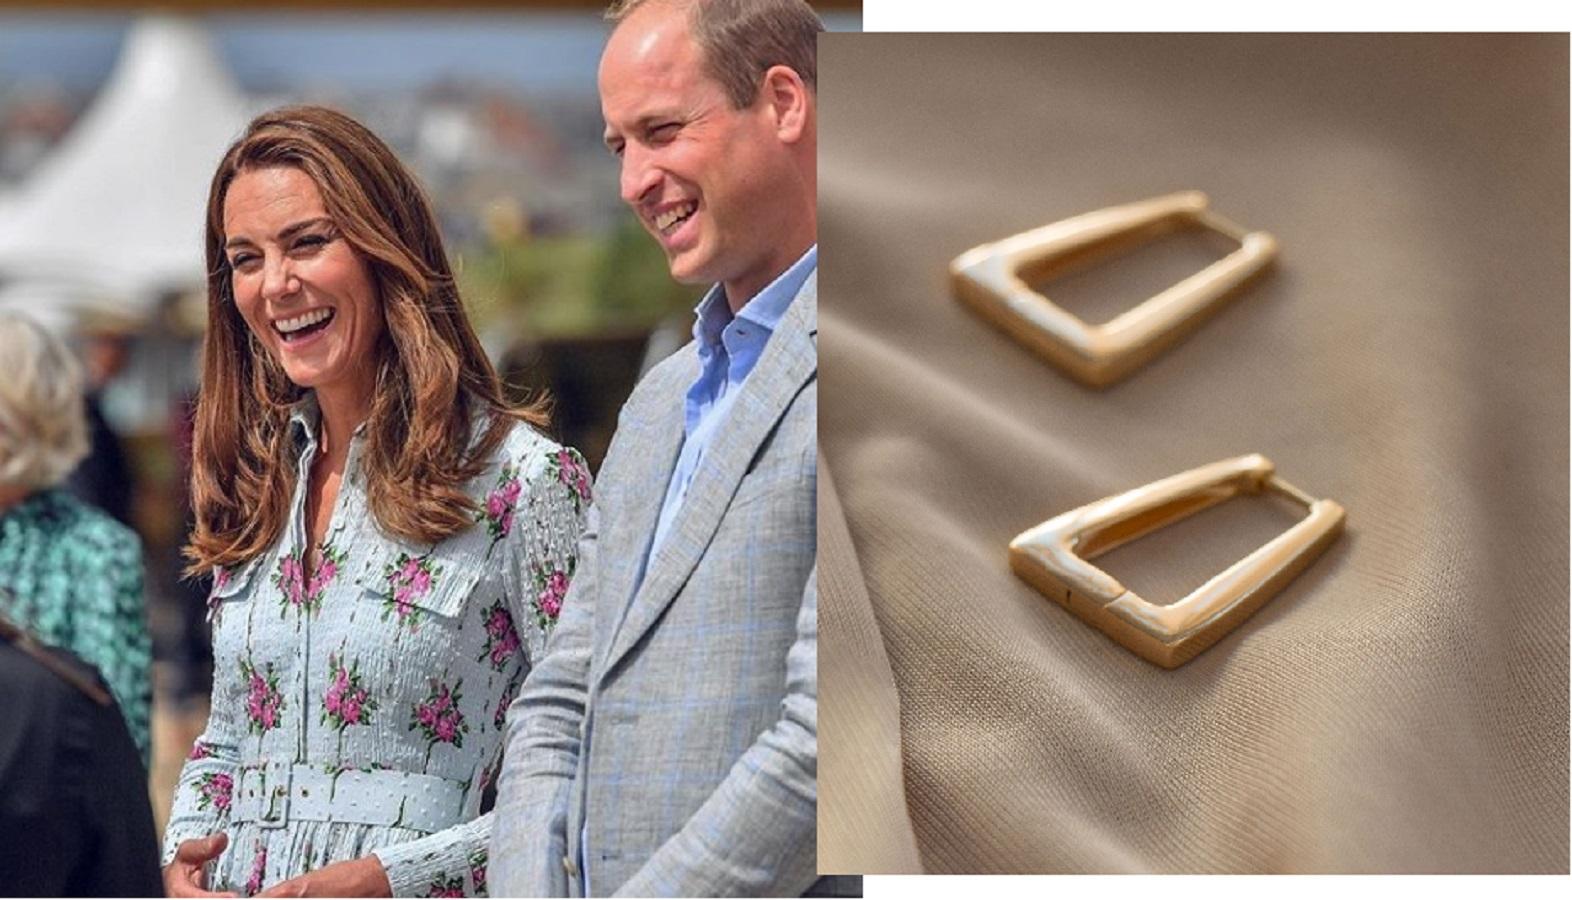 Kate Middleton, orecchini bohémien low cost per sostenere l'artigianato locale